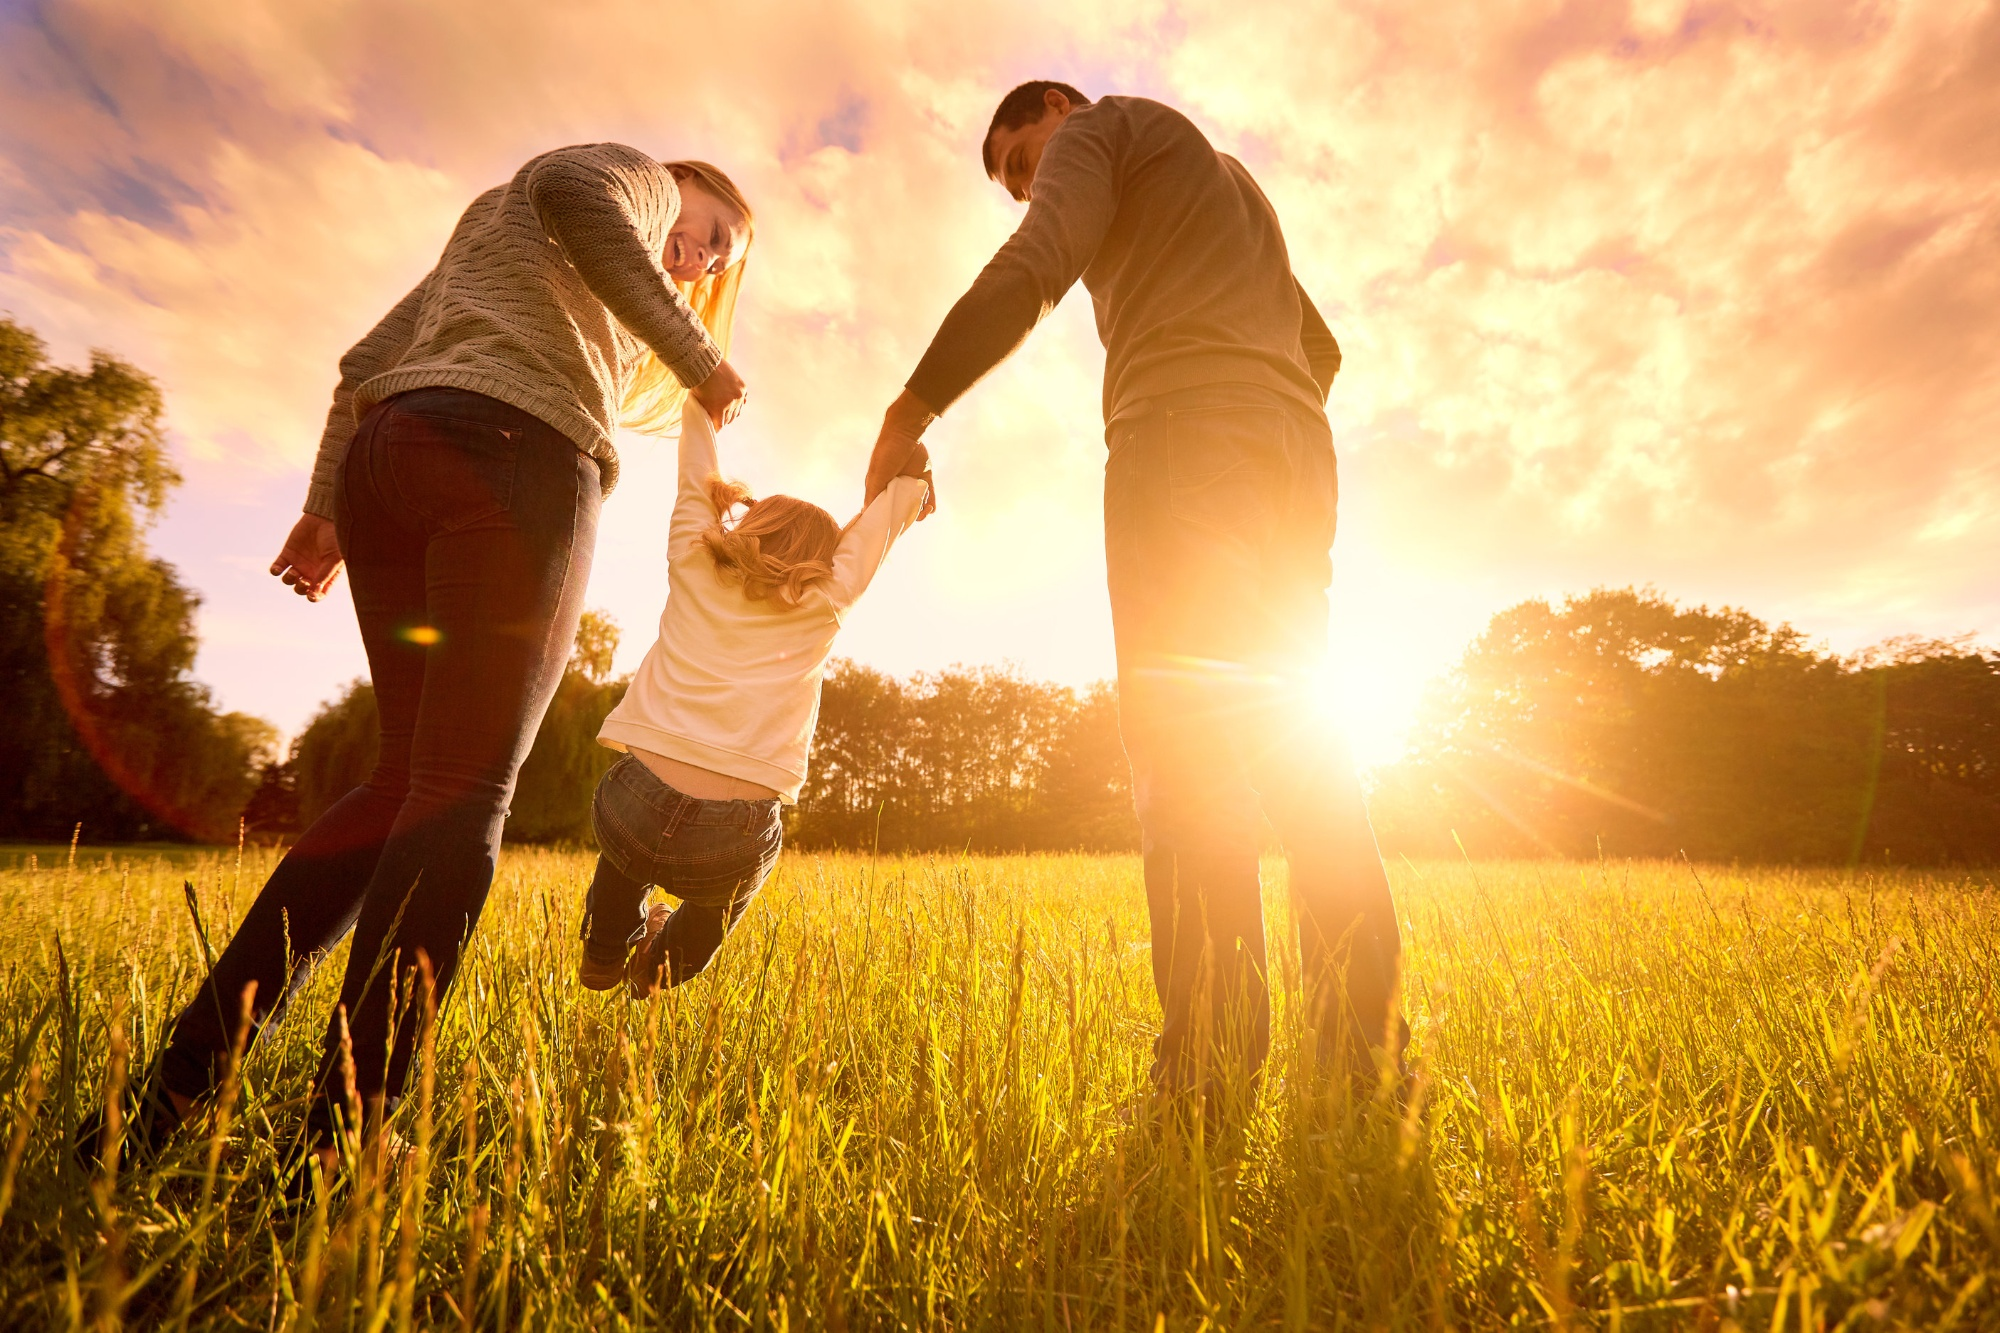 10 Σοφά Λόγια (Αποφθέγματα) Για Την Οικογένεια | balancelife